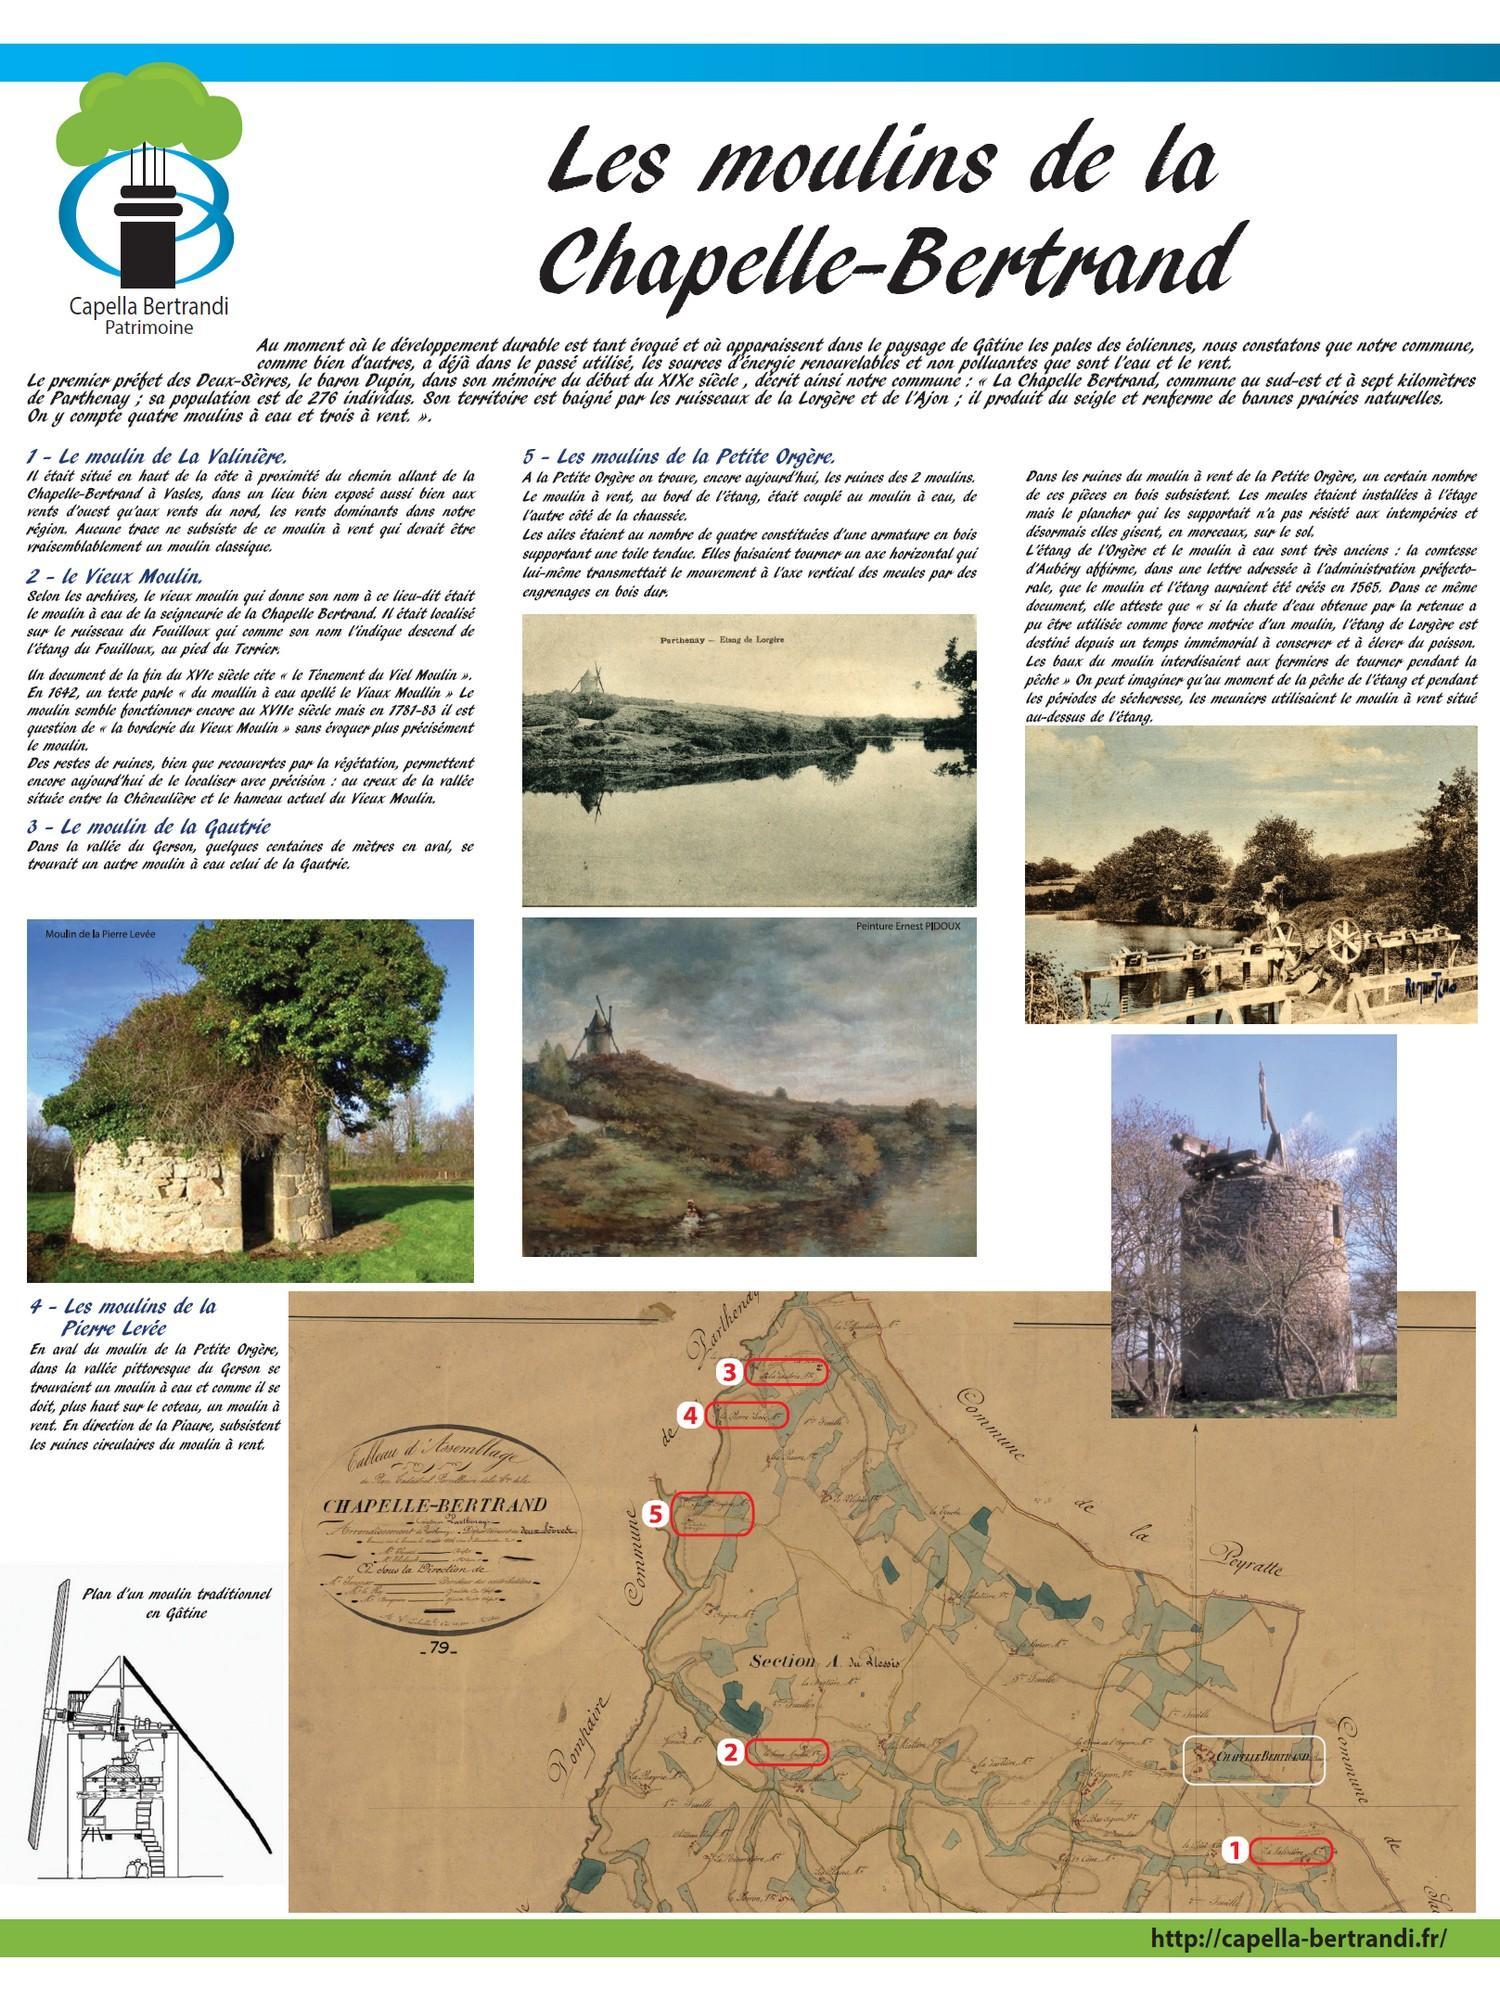 Les moulins de la Chapelle-Bertrand - Capella Bertrandi